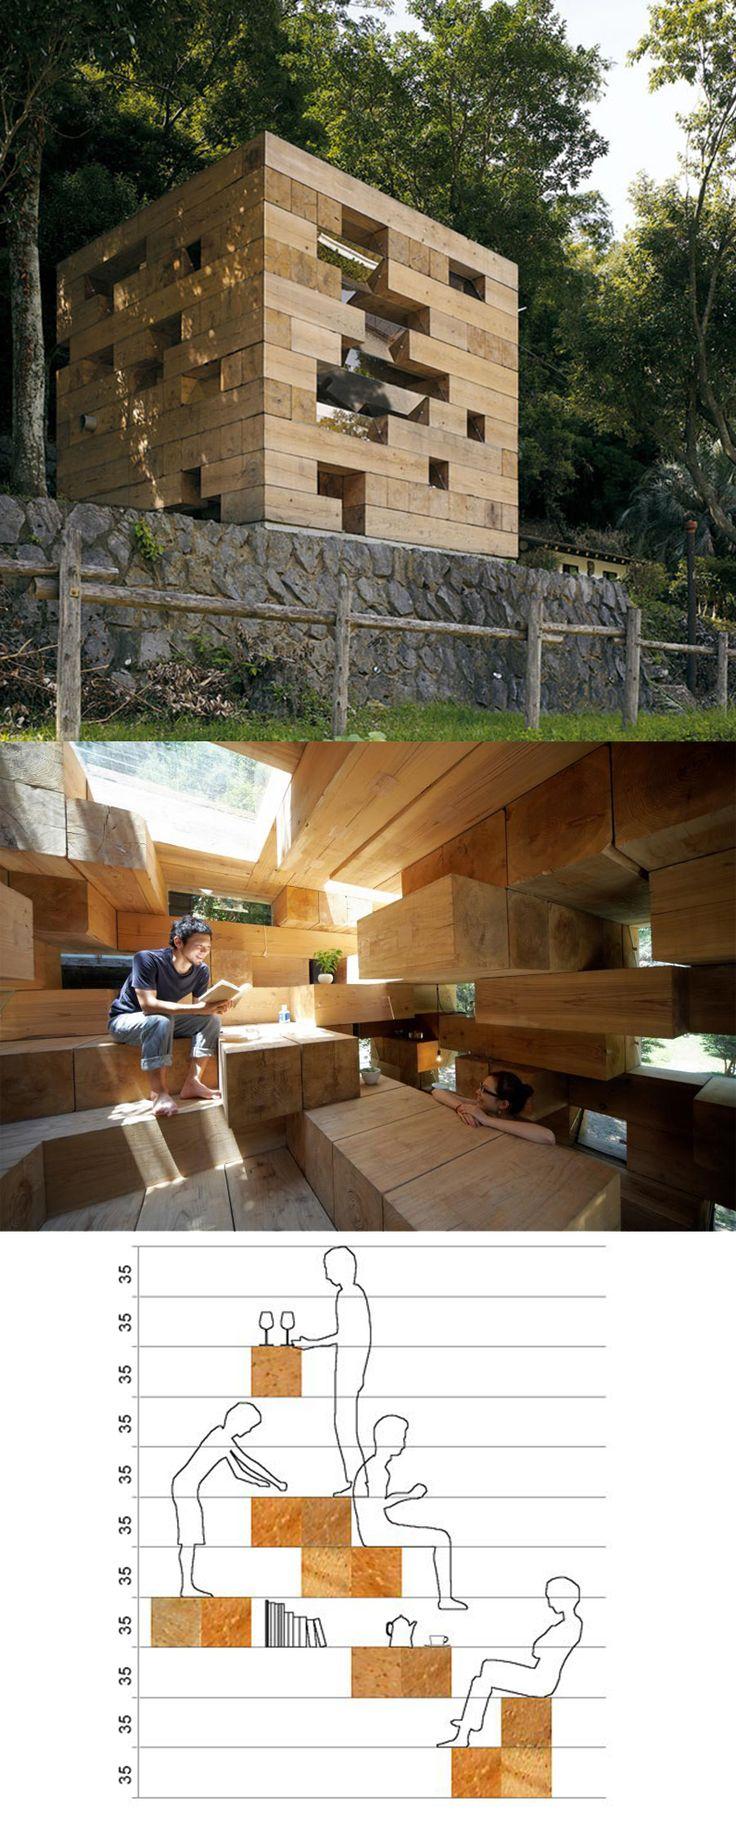 Final Wooden House by Sou Fujimoto, in Kumamoto, Japan